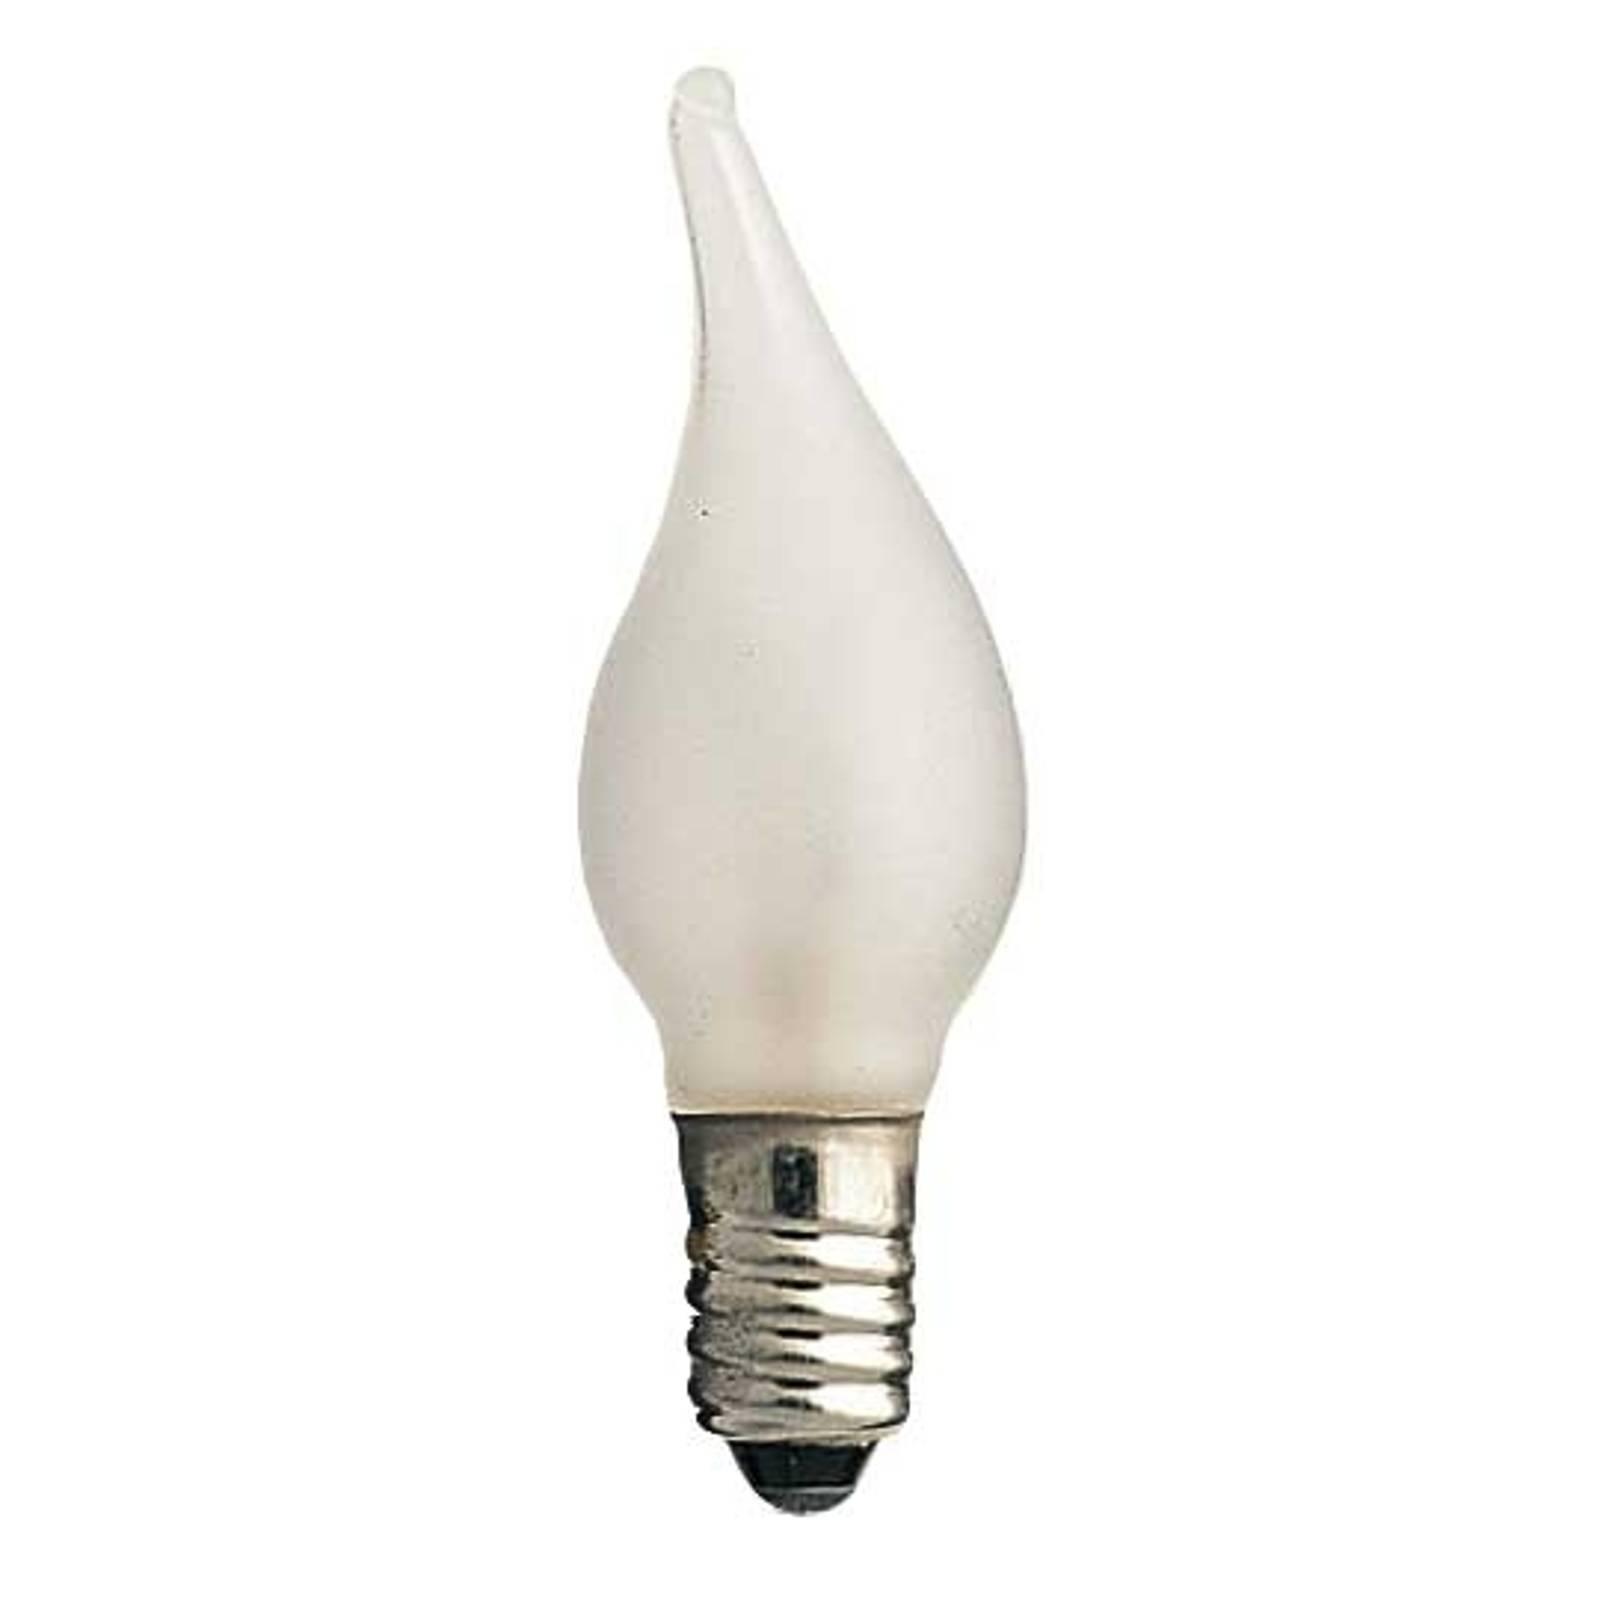 E10 3W 16V lampadine effetto tremolante set da 3